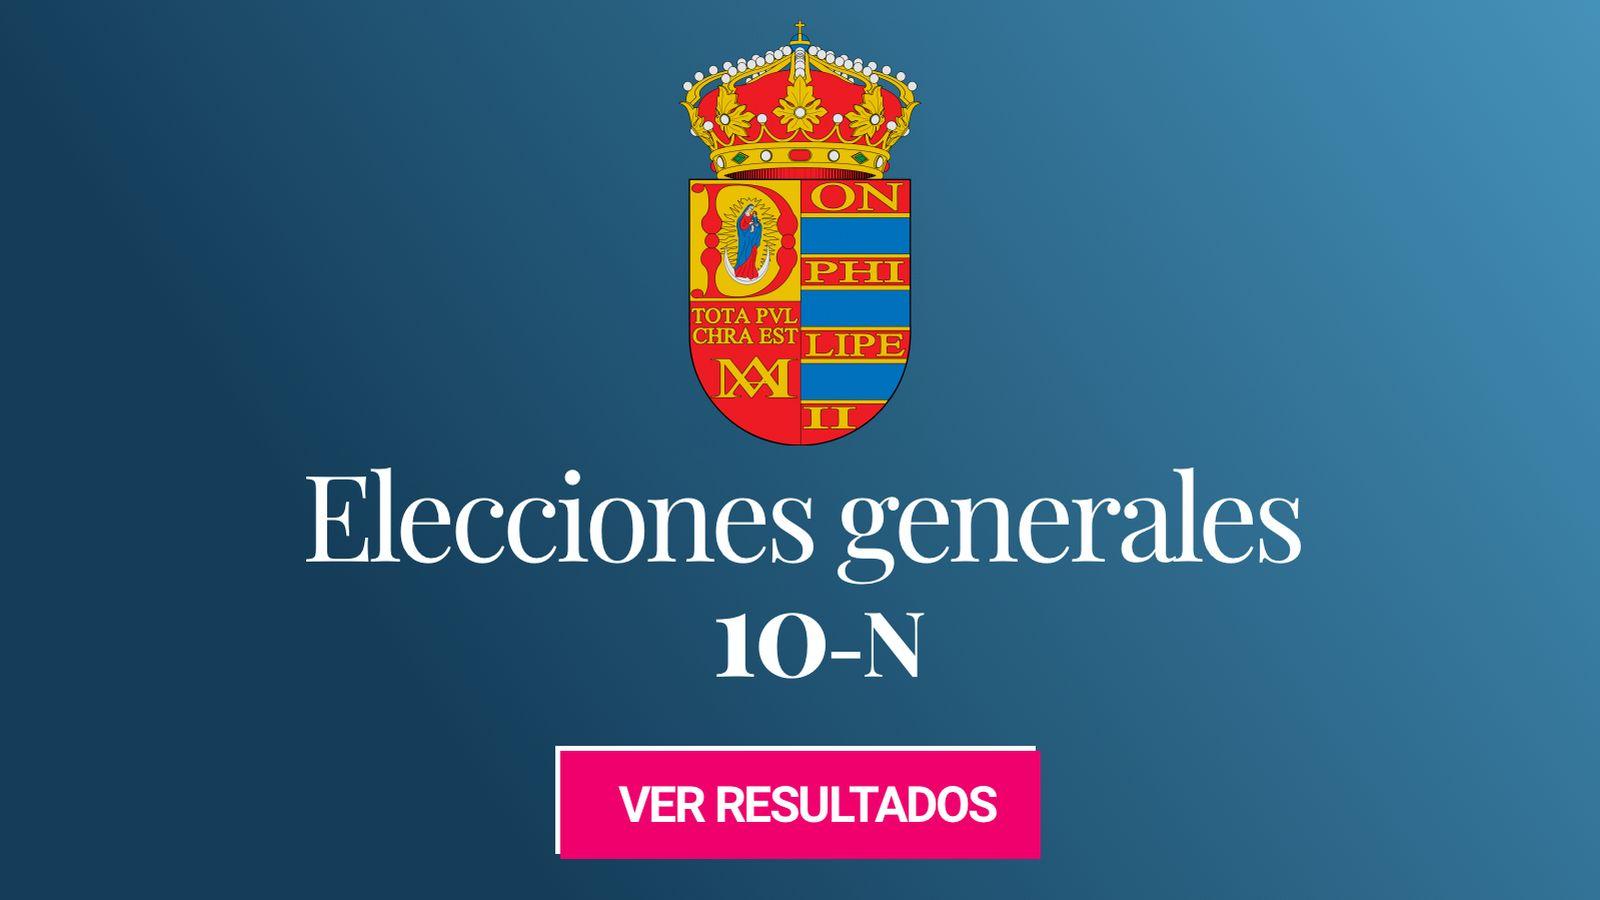 Foto: Elecciones generales 2019 en Móstoles. (C.C./EC)